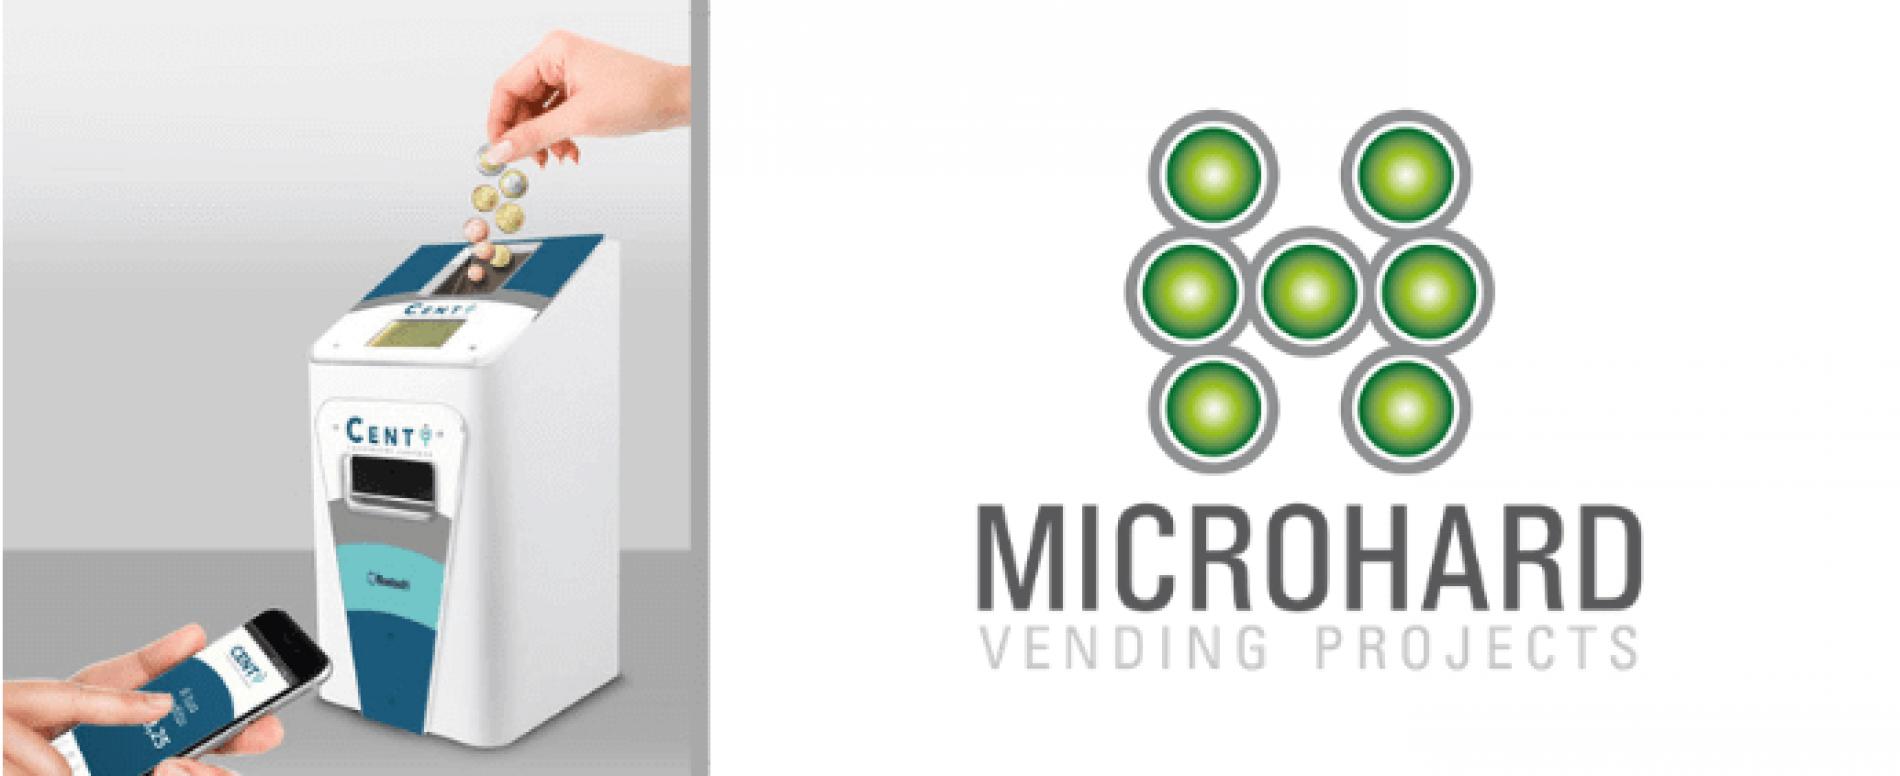 Centy di Microhard, il contamonete che trasforma gli spiccioli in denaro virtuale